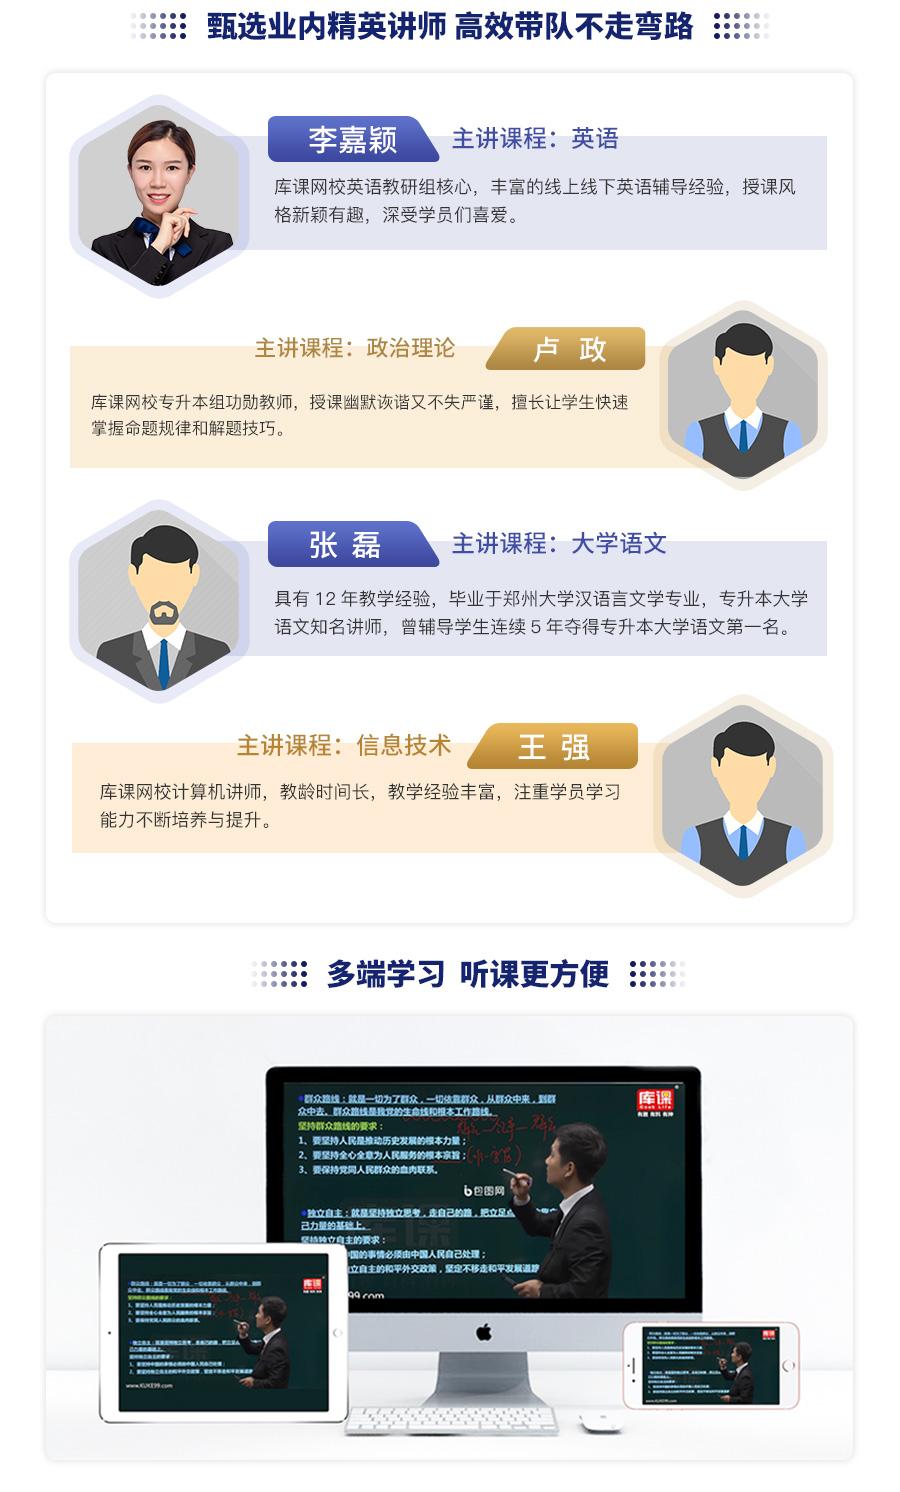 年江西专升本全科基础班《英语+政治+信息技术+大学语文》.jpg